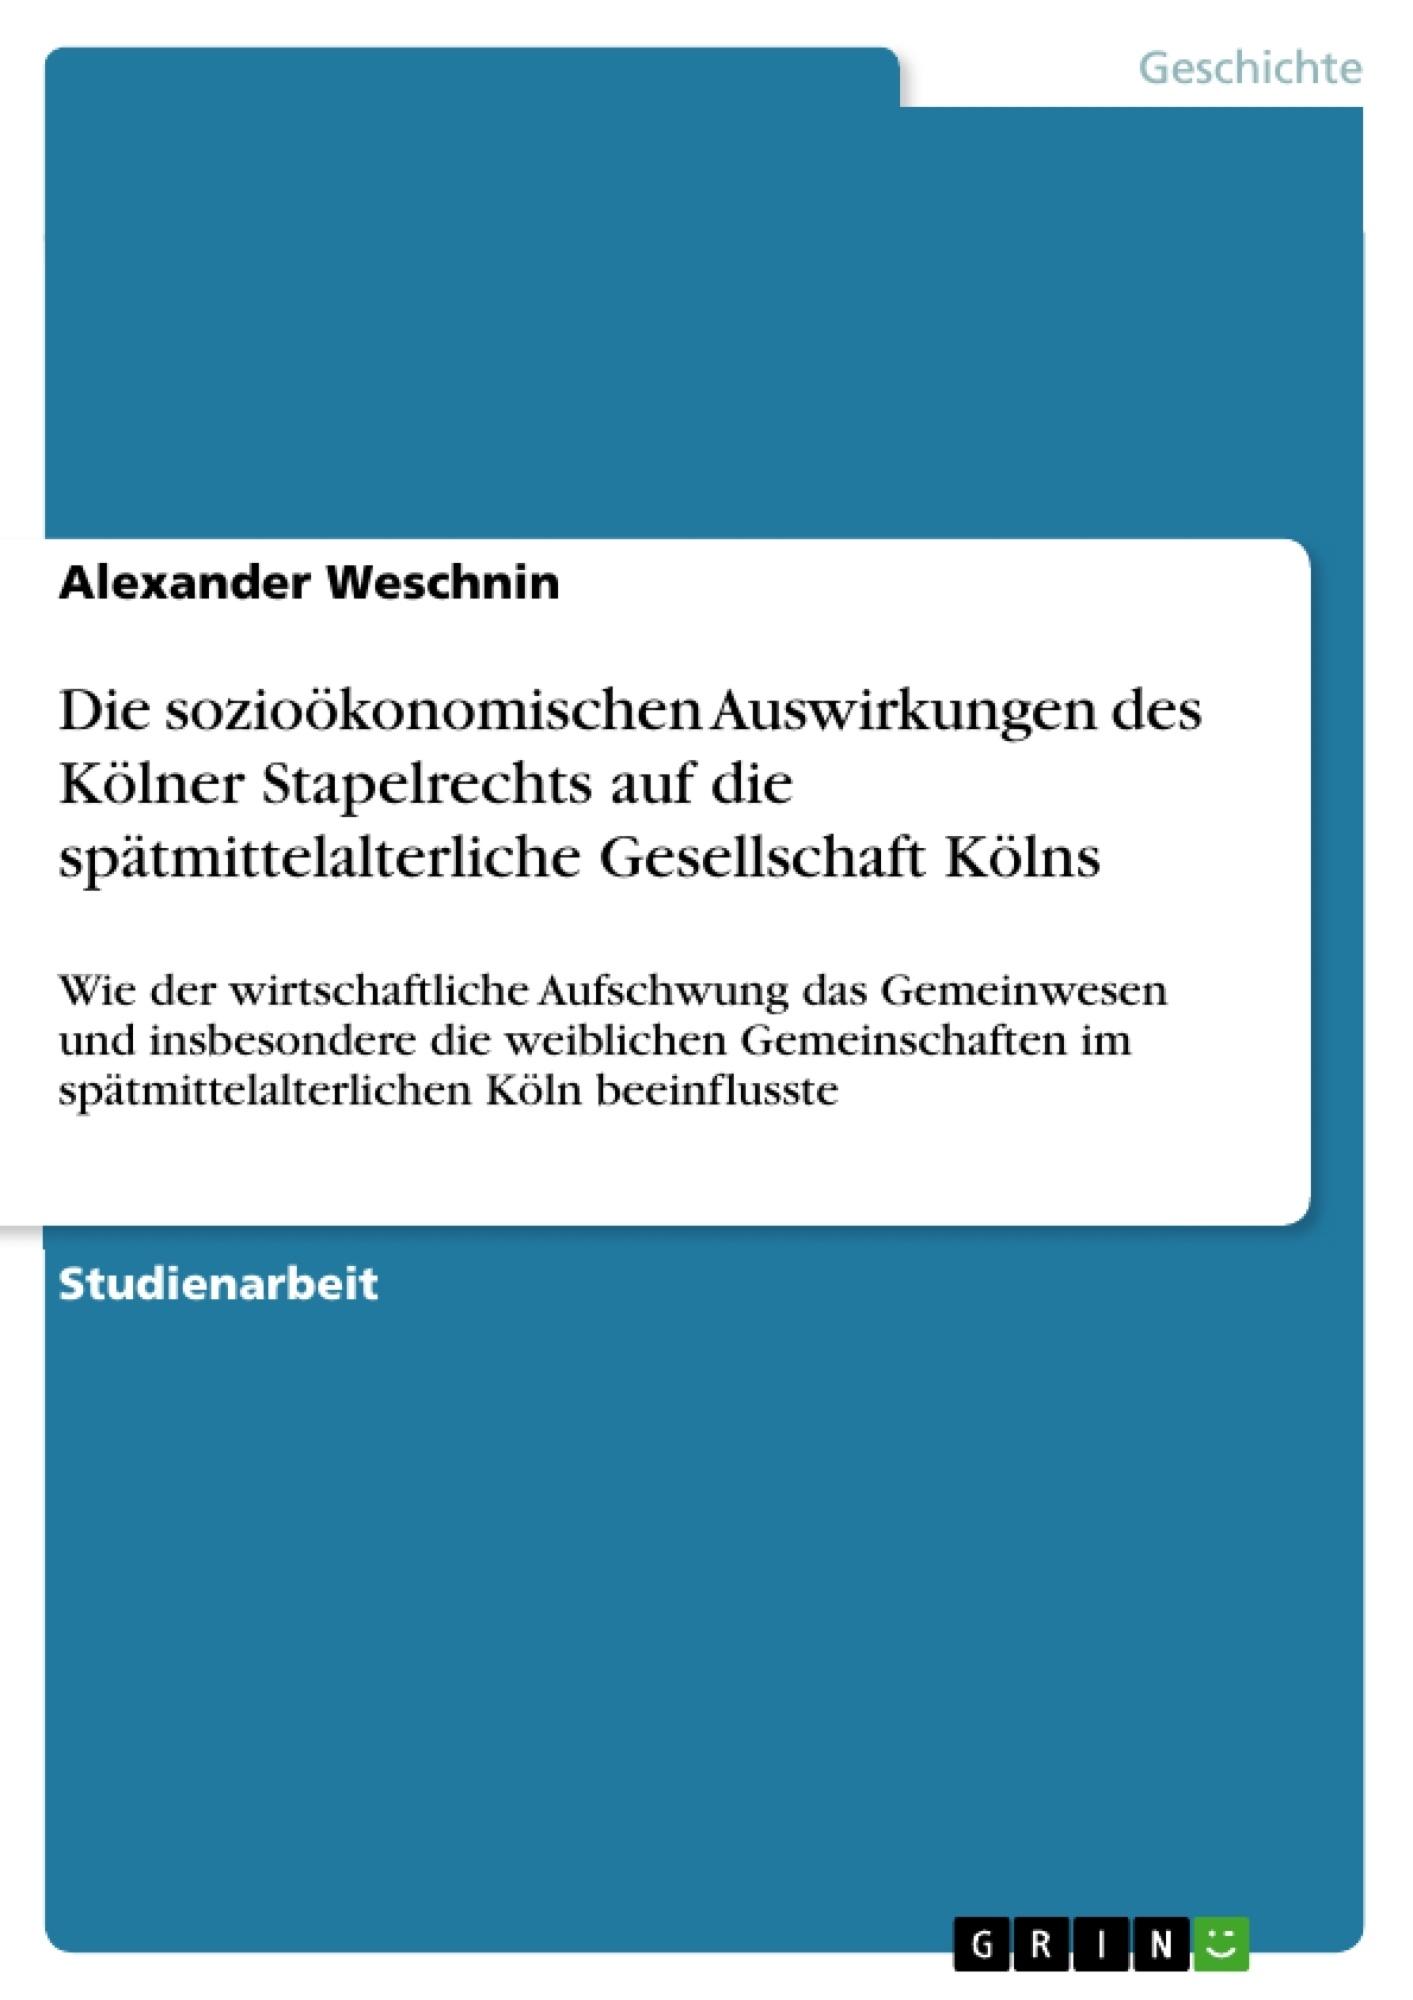 Titel: Die sozioökonomischen Auswirkungen des Kölner Stapelrechts auf die spätmittelalterliche Gesellschaft Kölns